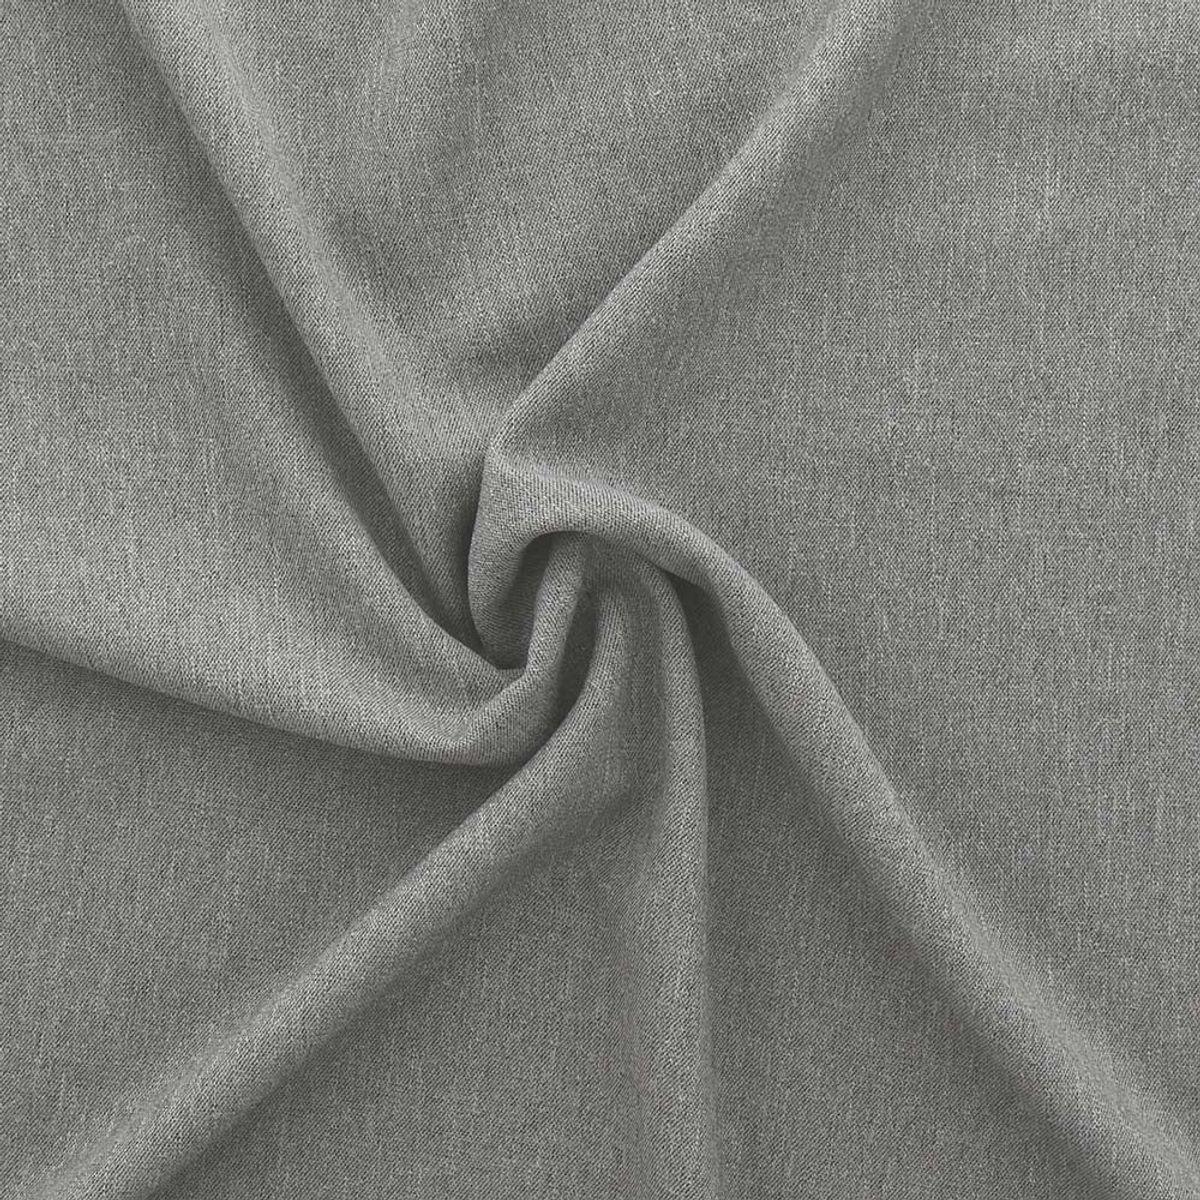 Tissu toile de tweed - Gris clair